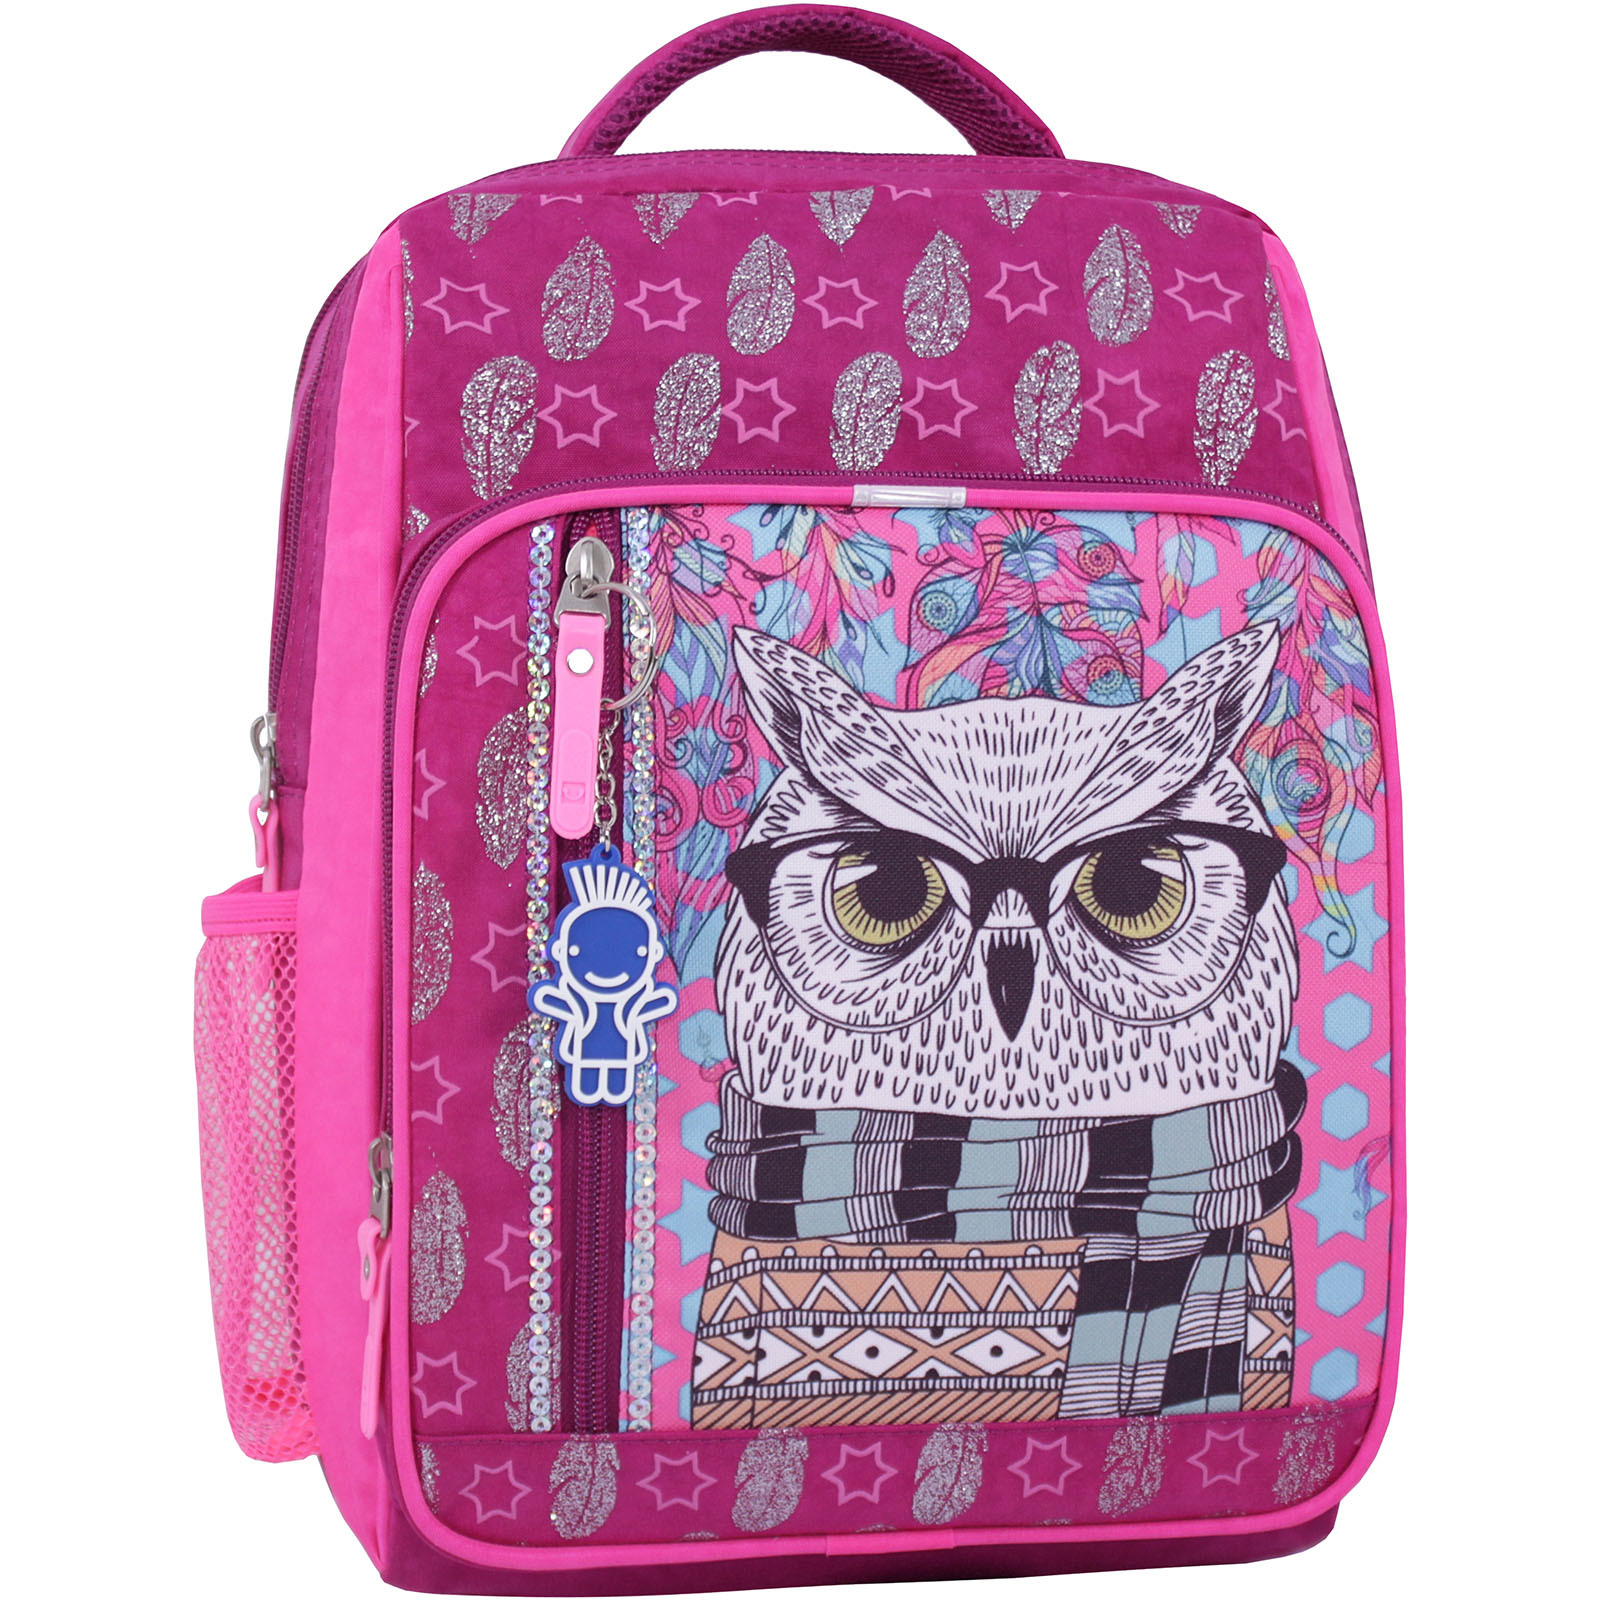 Рюкзак школьный Bagland Школьник 8 л. 143 малиновый 514 (0012870) фото 1